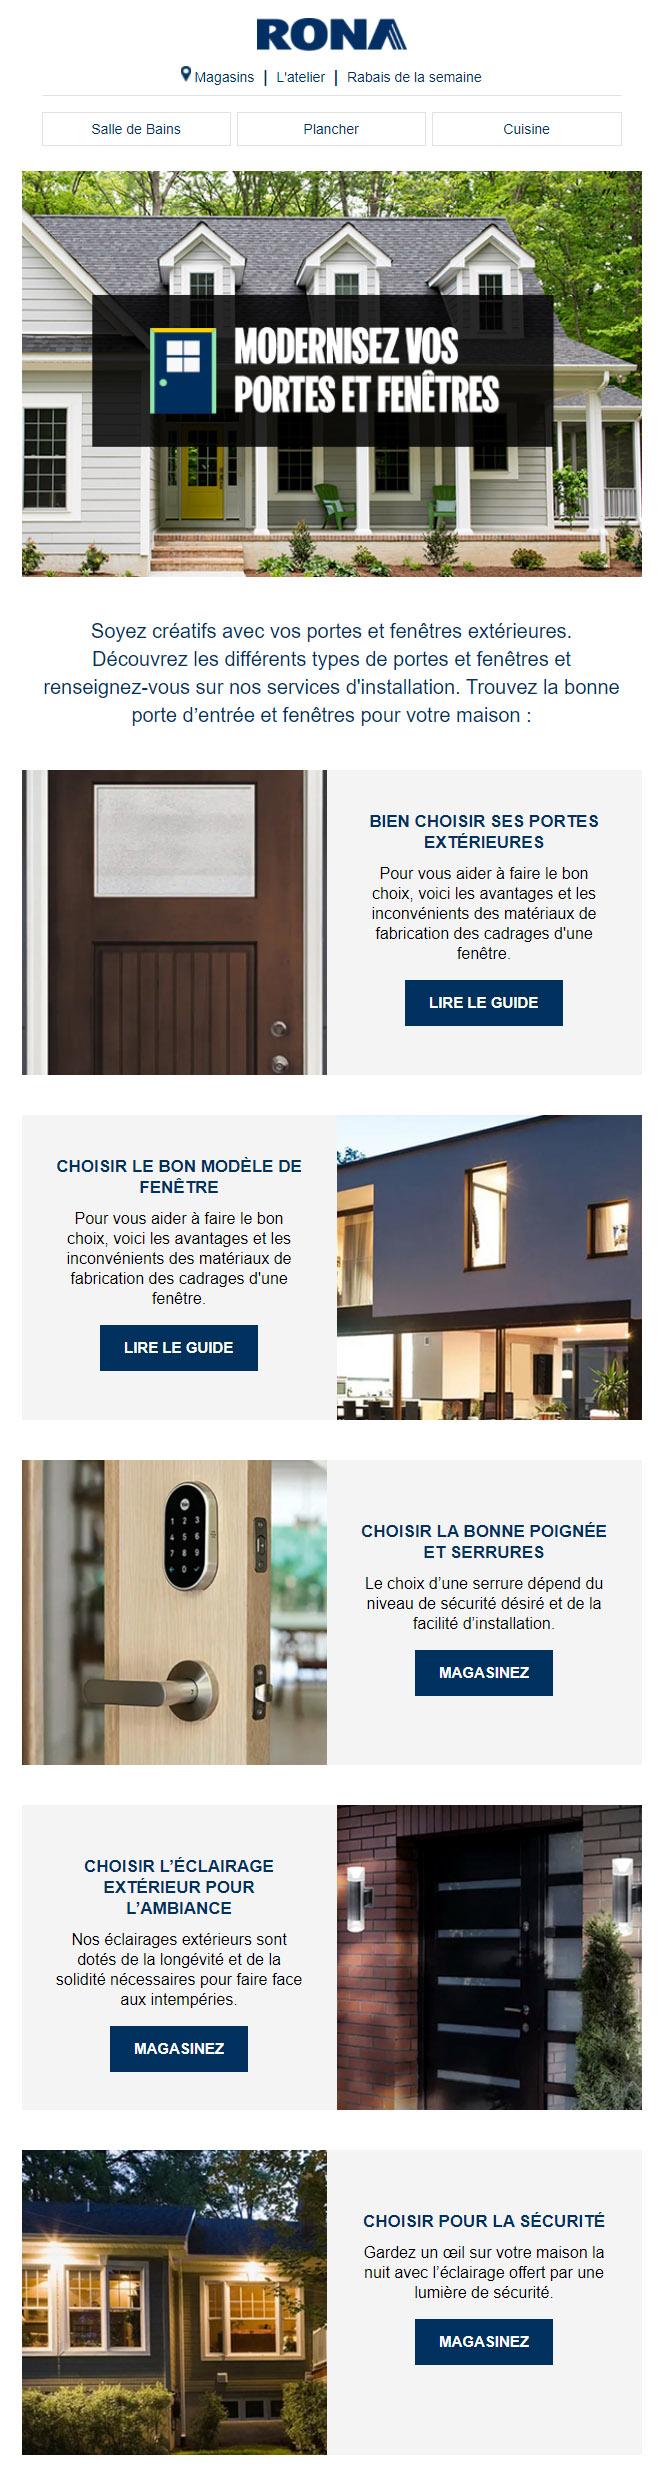 Modernisez Vos Portes Et Fenêtres !